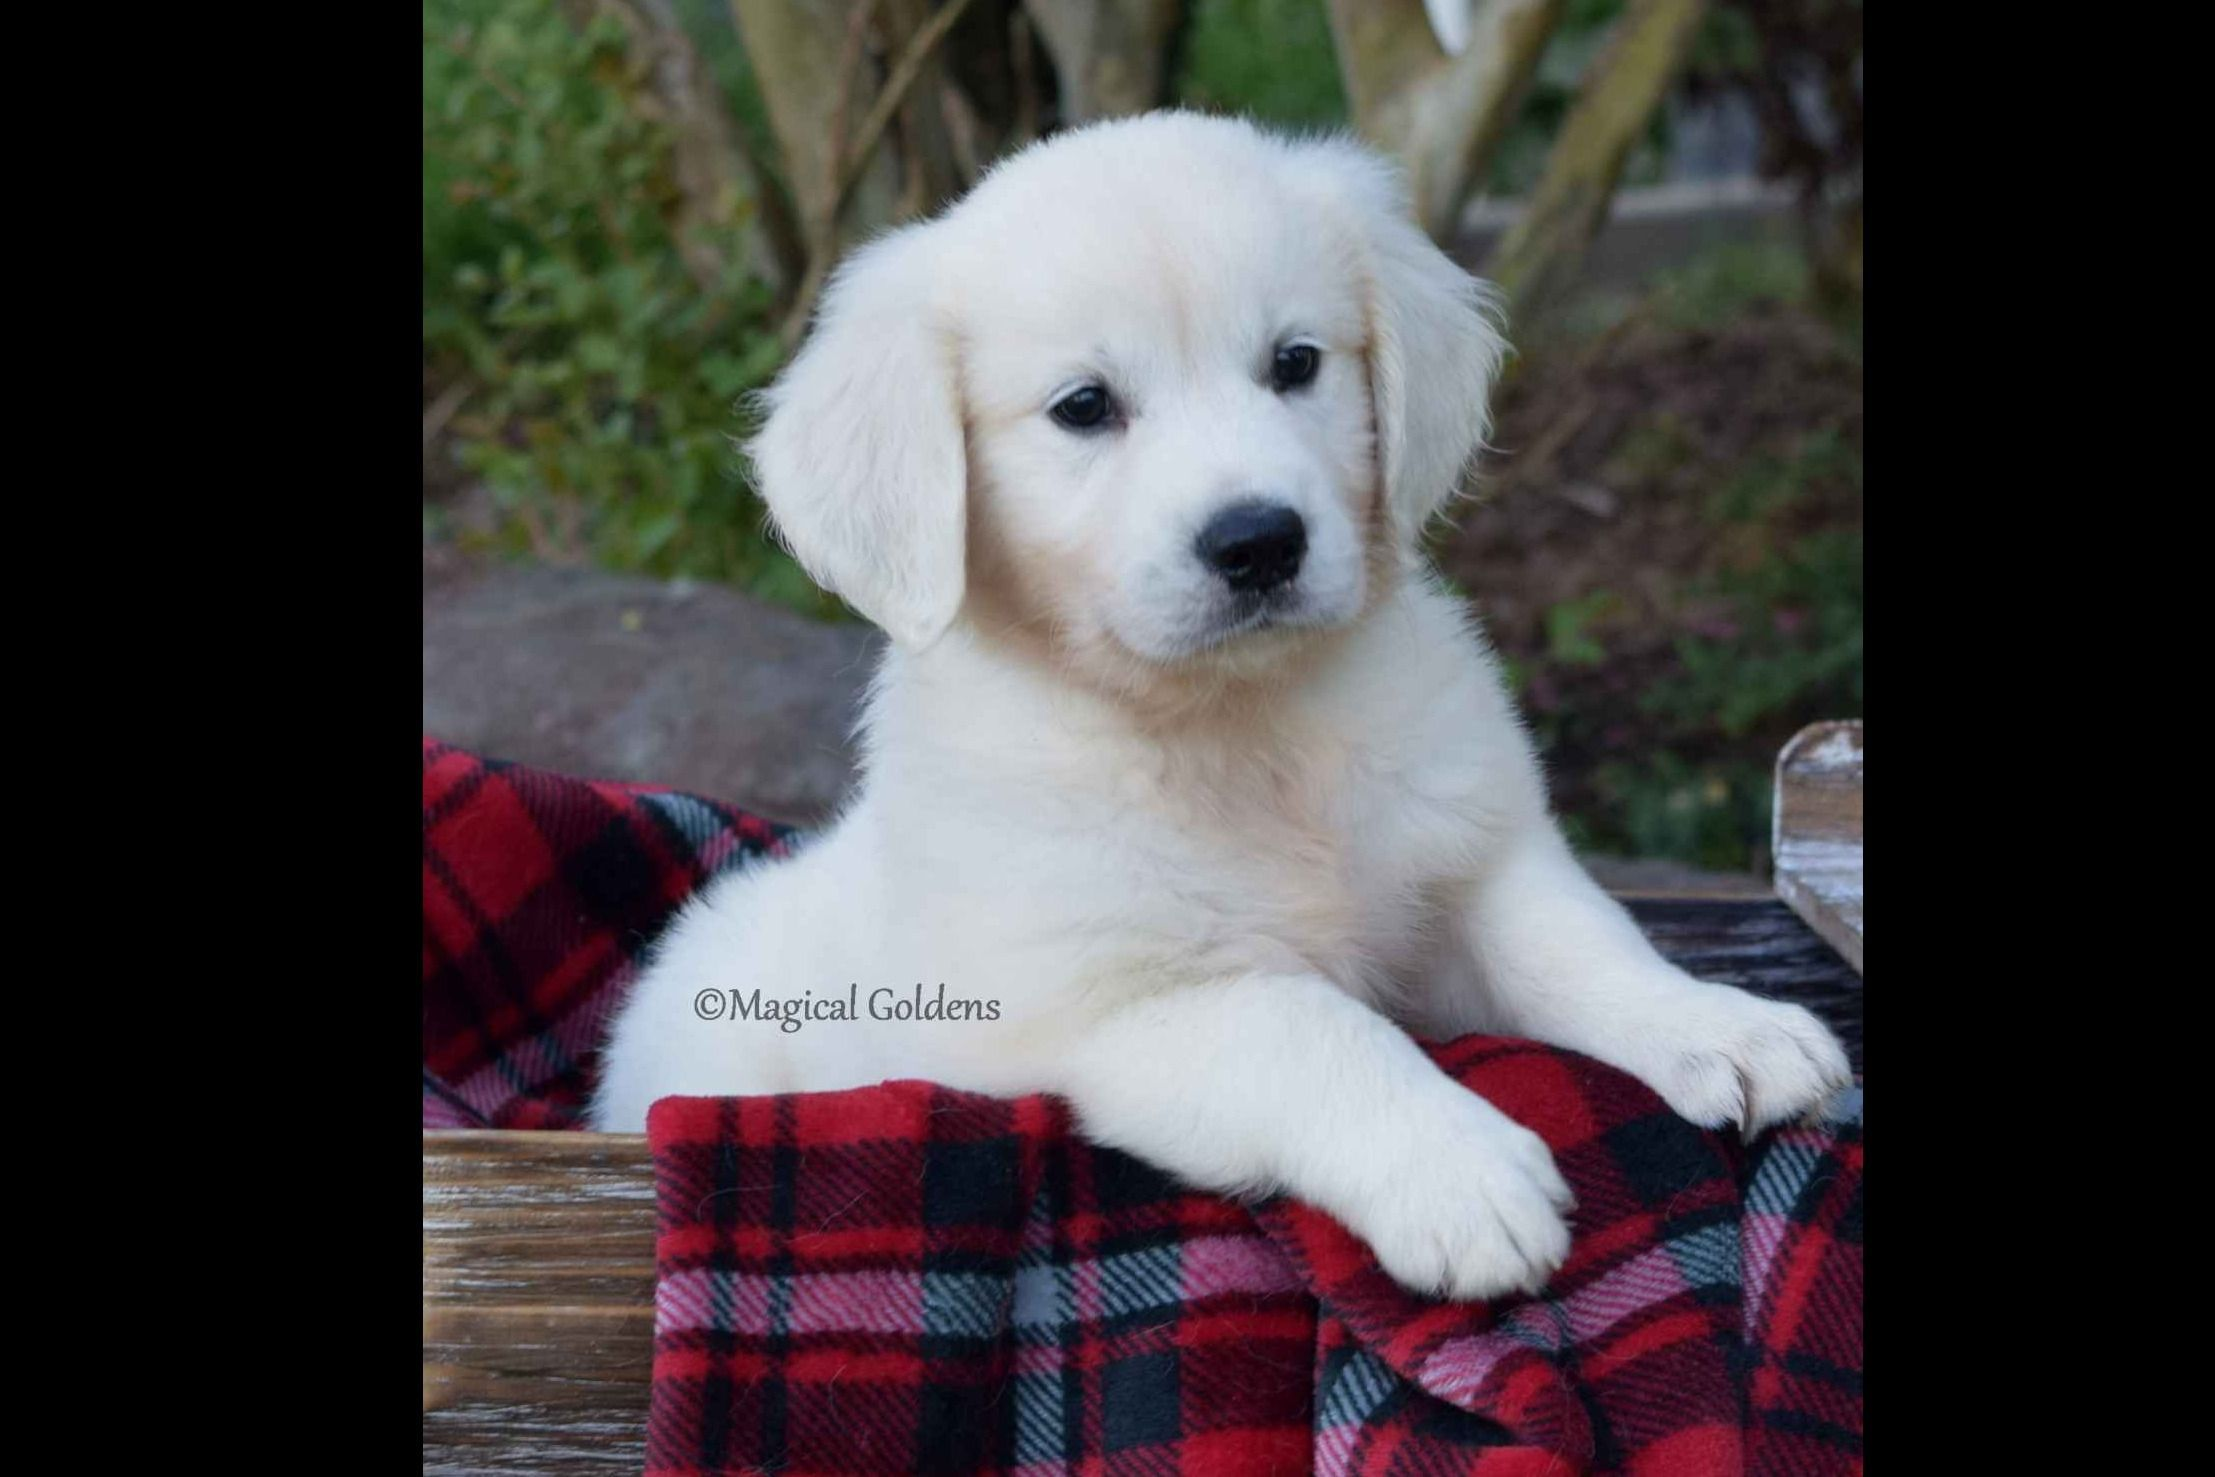 Magical Goldens Has Golden Retriever Puppies For Sale In Prim Ar On Akc Puppyfinder Golden Retriever Retriever Puppy Puppy Training